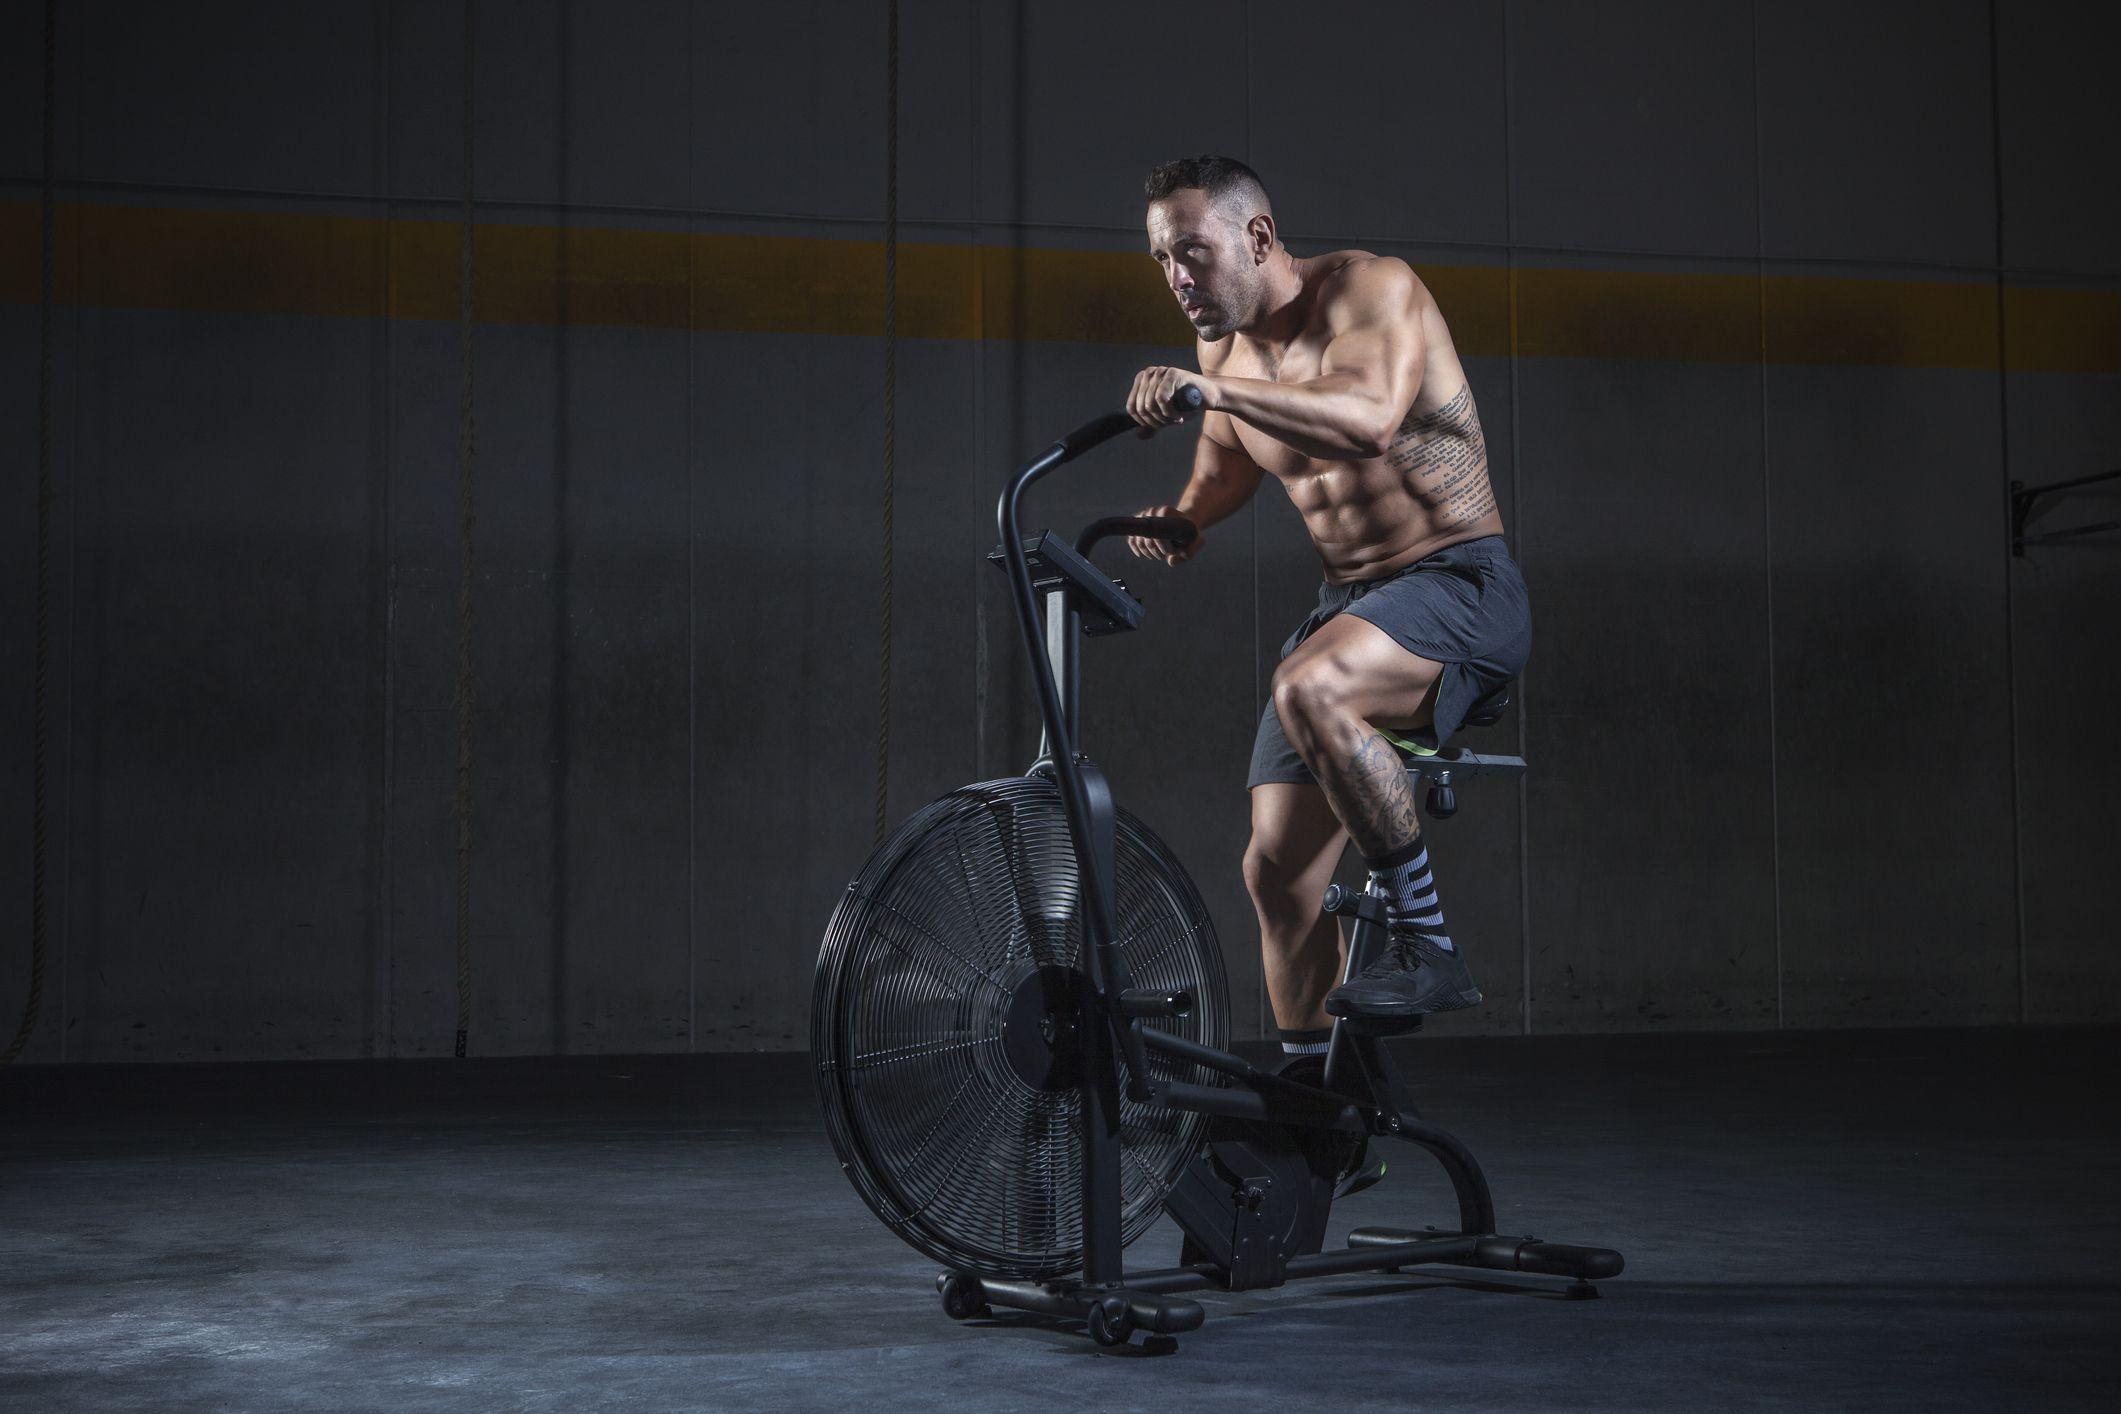 Como perder peso en la bicicleta estatica